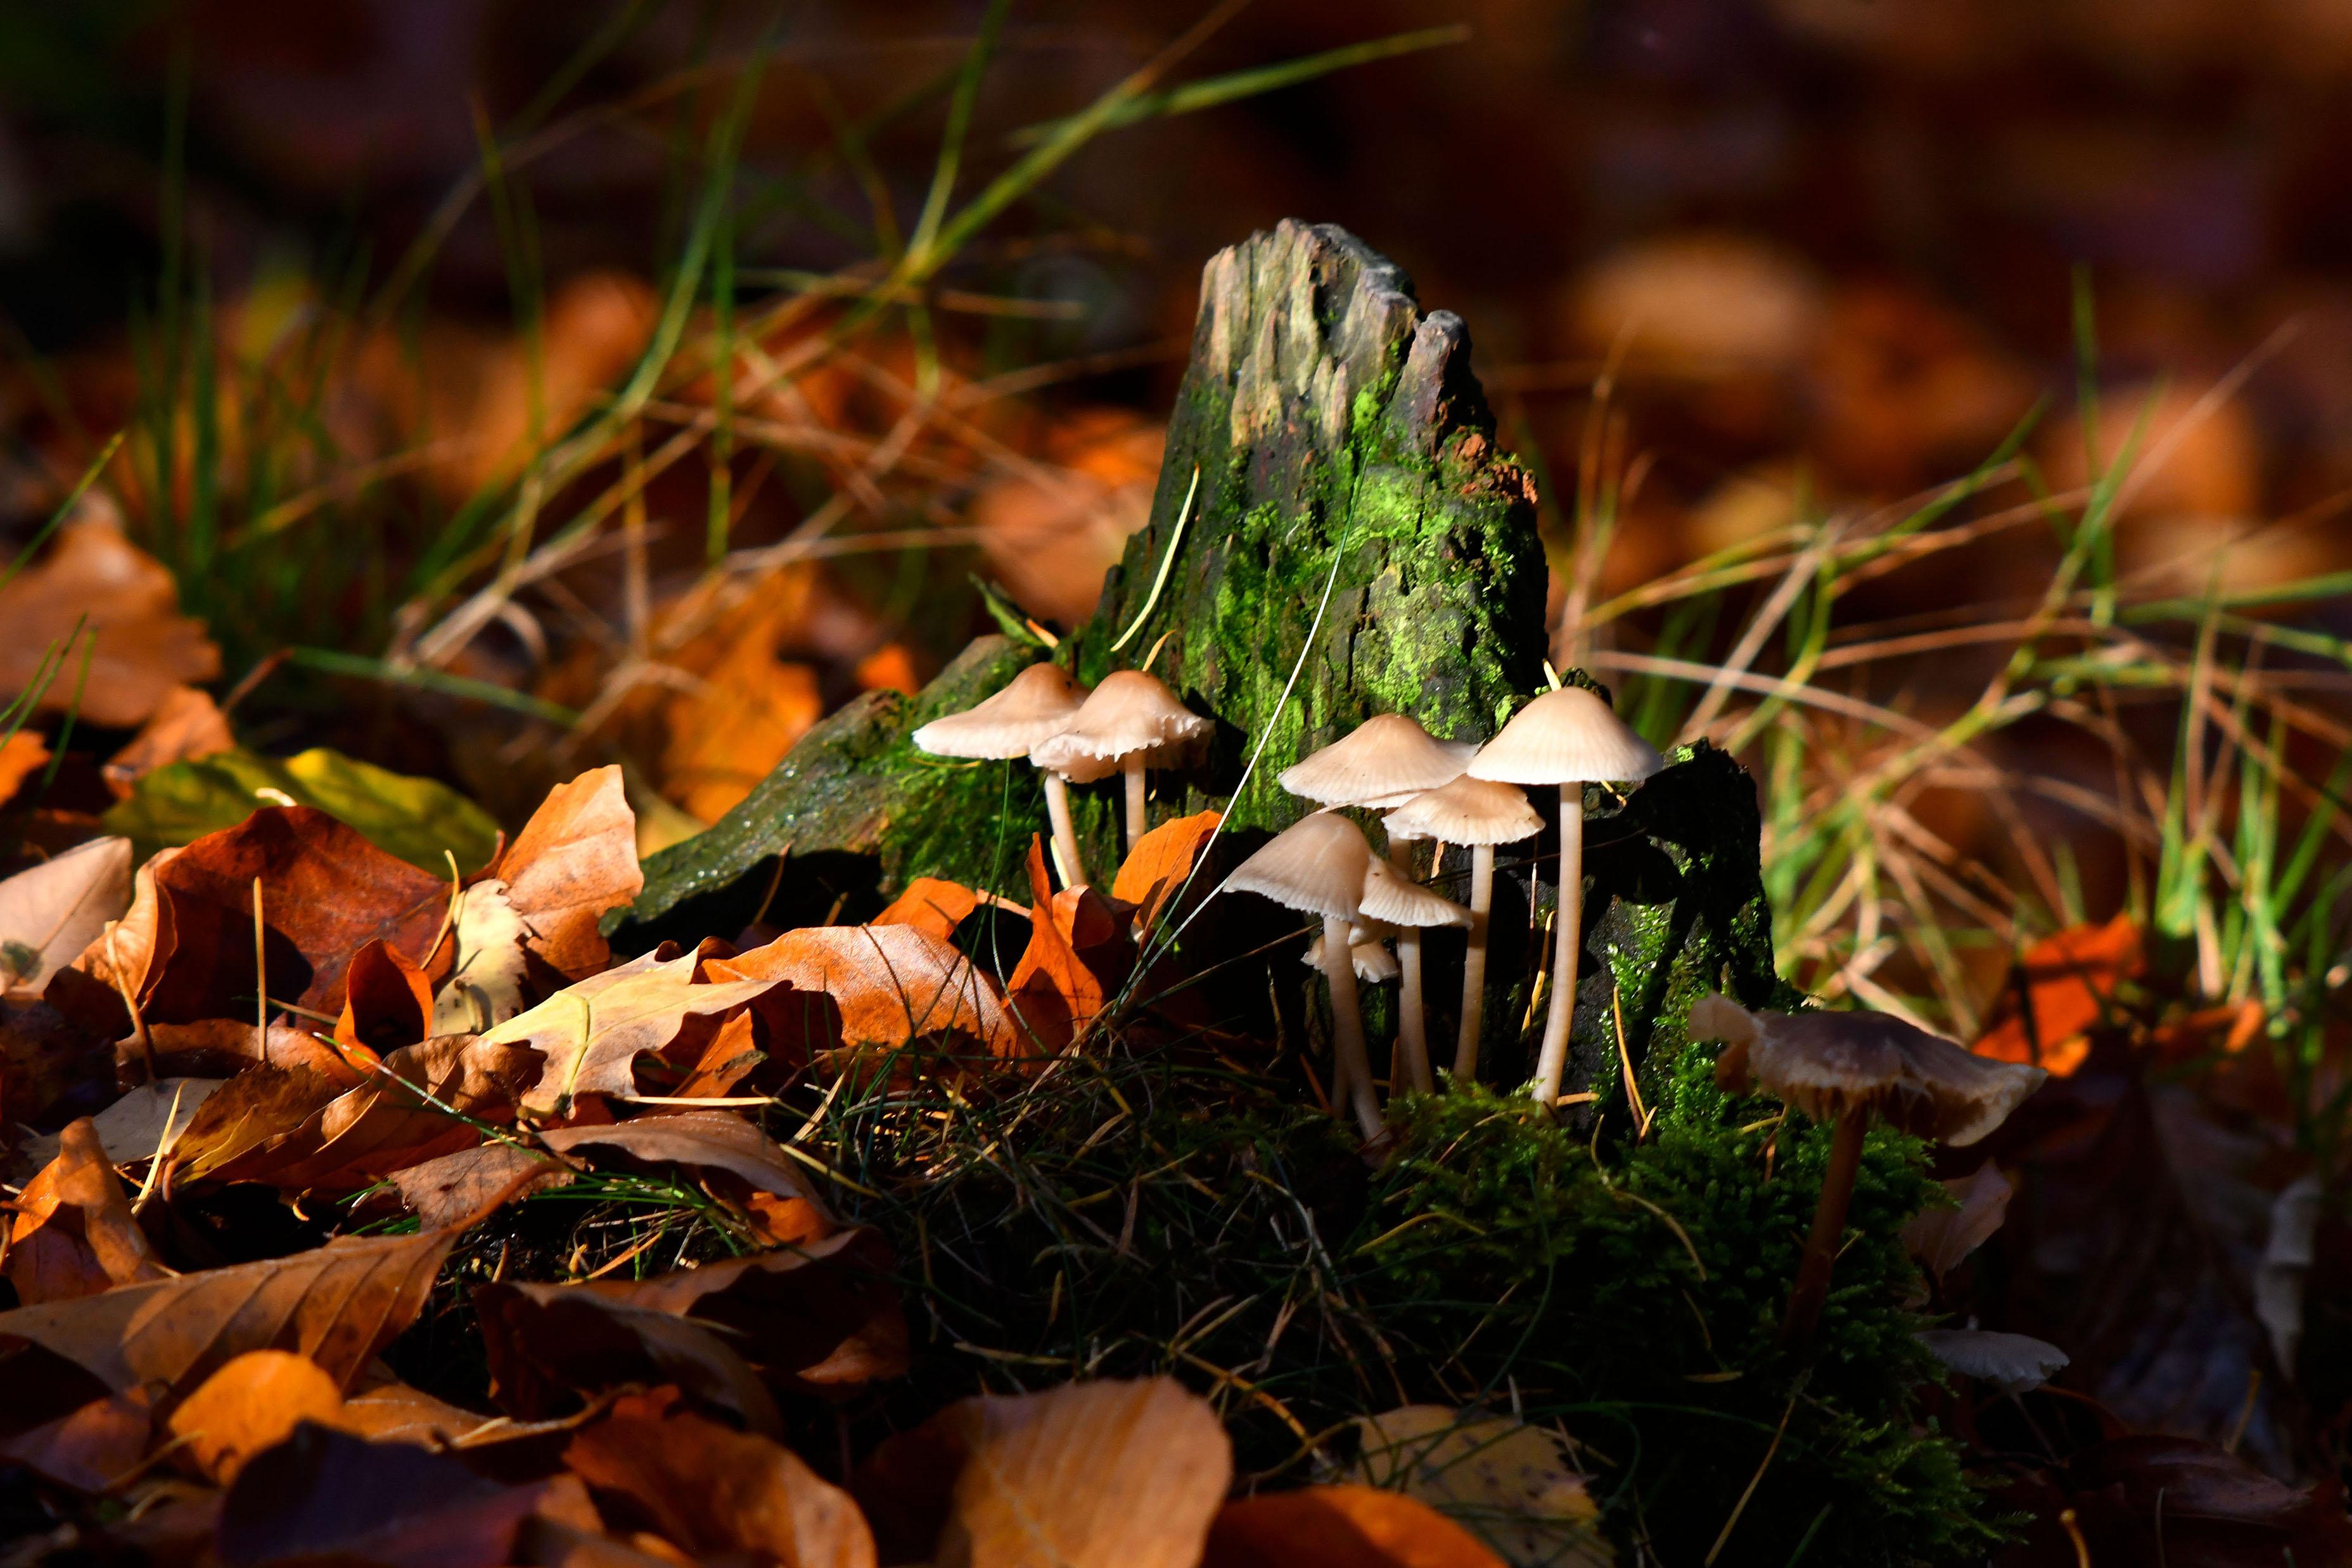 Allemaal kleine hoedjes op een steeltje bij een boomstronk - Foto: ©Louis Fraanje